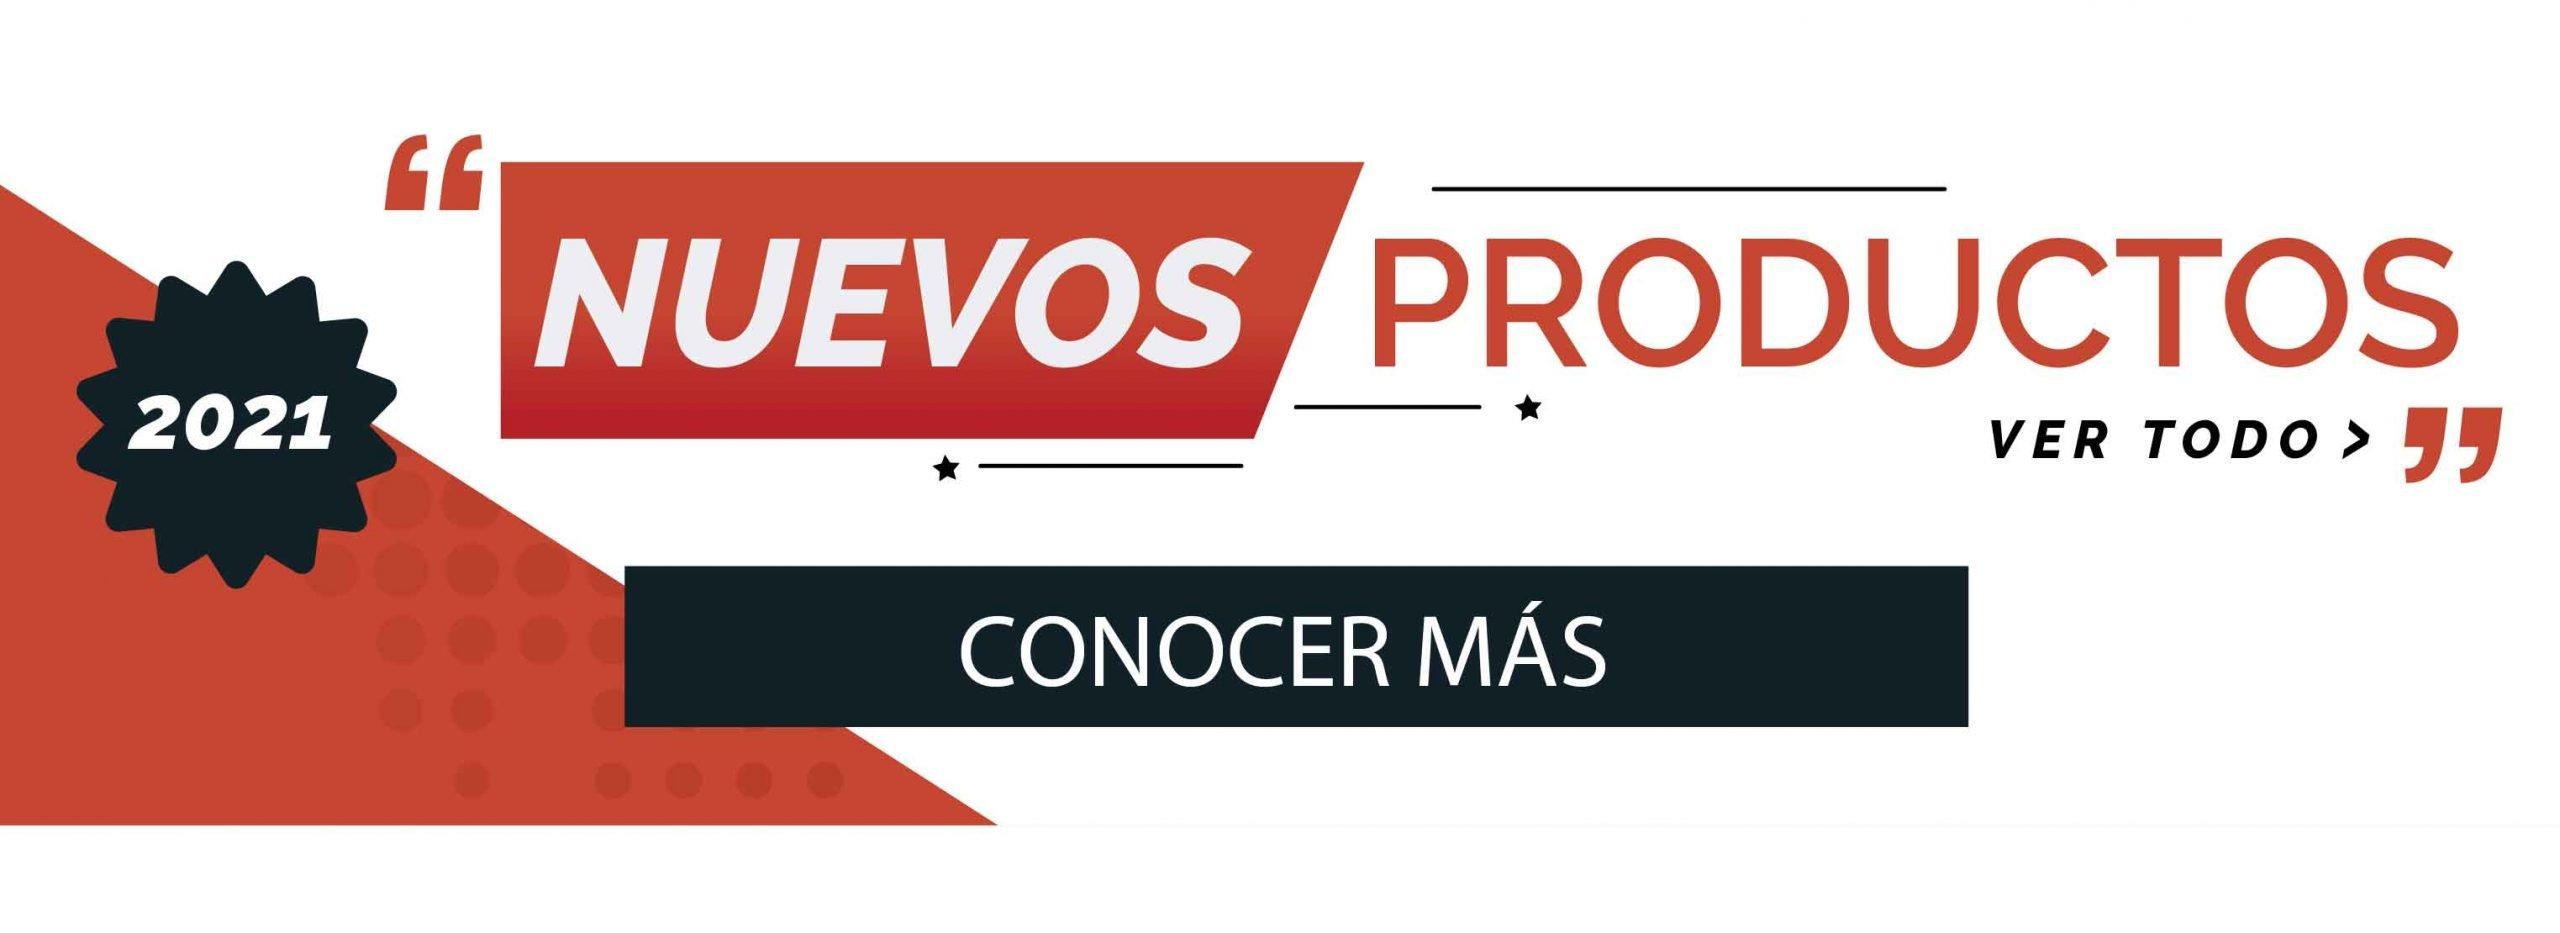 De la pava - Banners-LADO-IZQUIERDO-2021